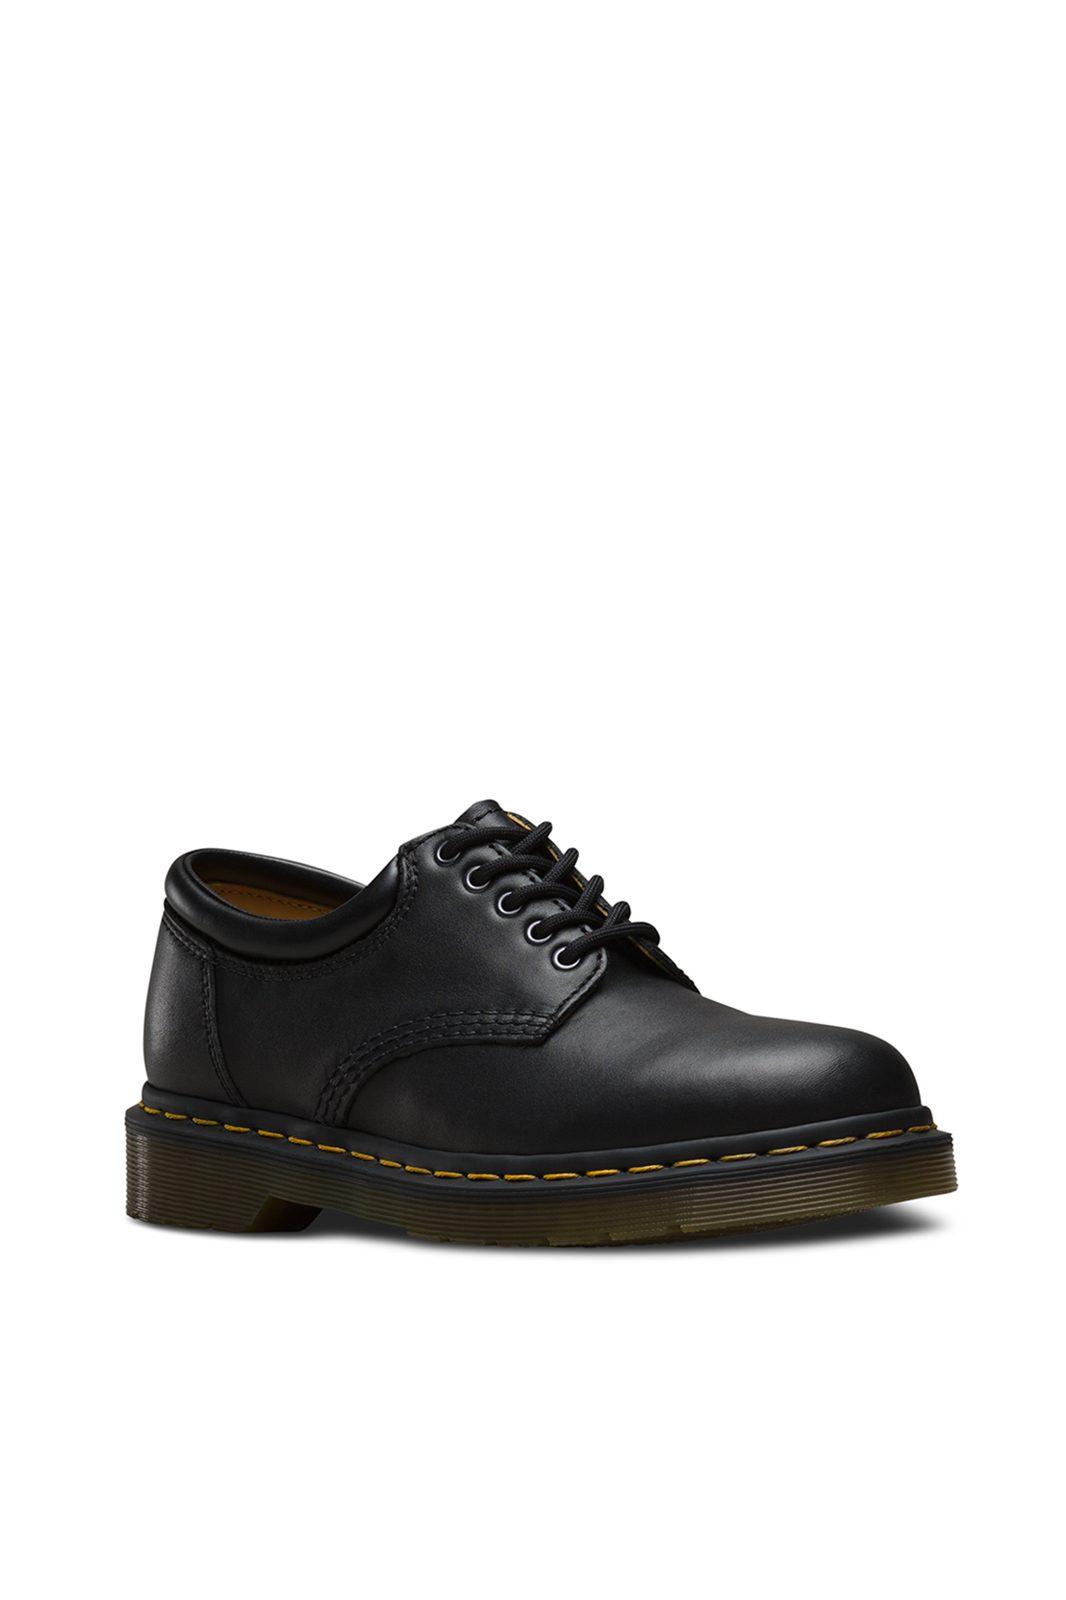 8053 5 eye shoe Black